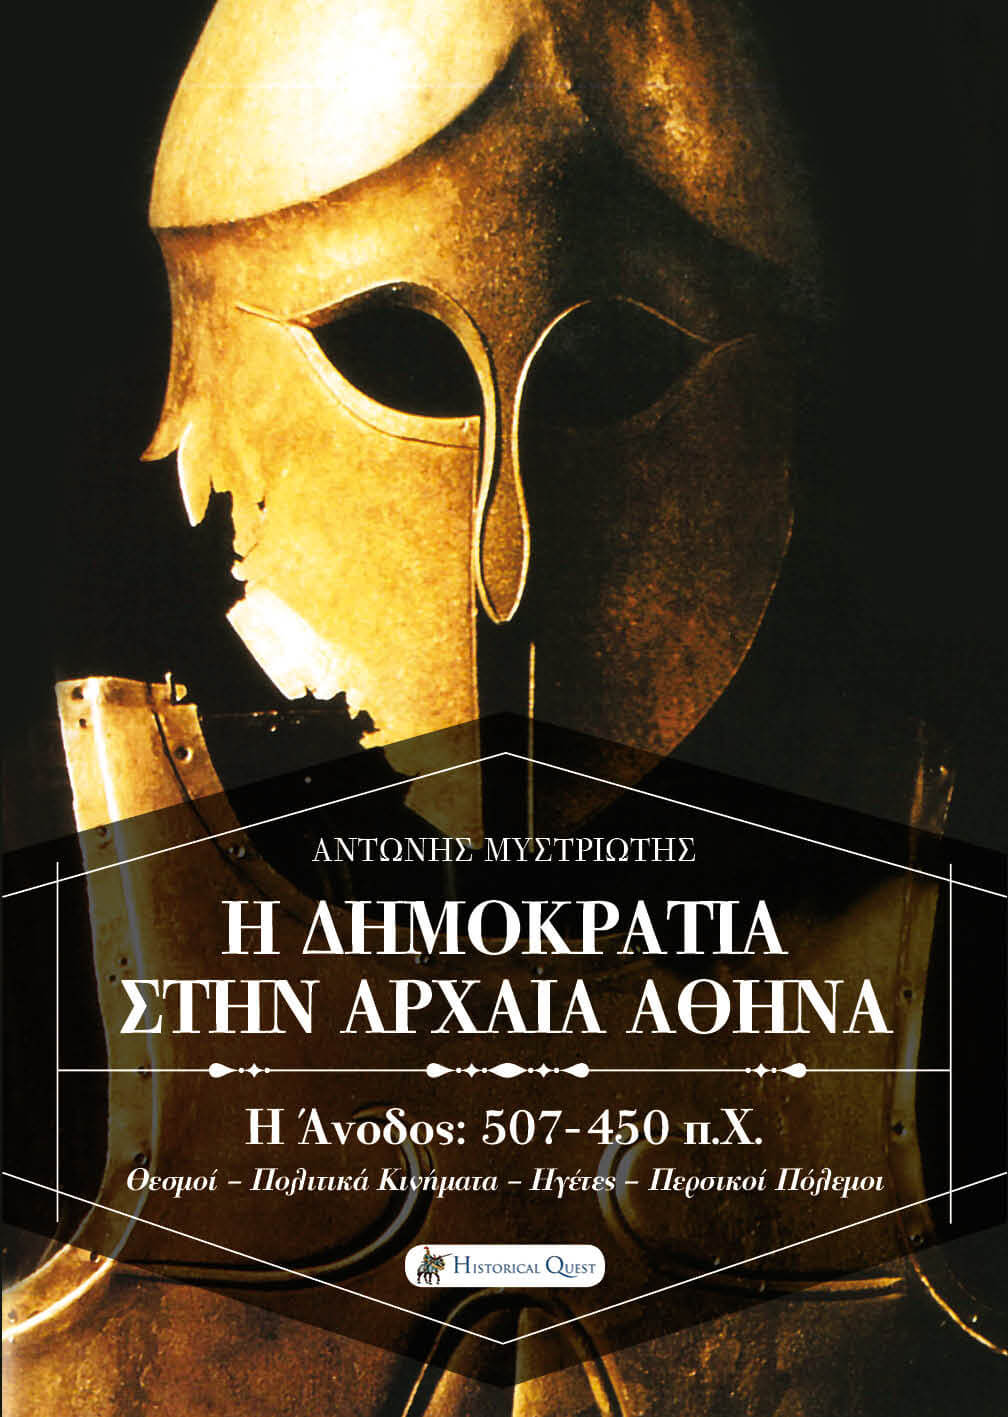 Η Δημοκρατία στην αρχαία Αθήνα